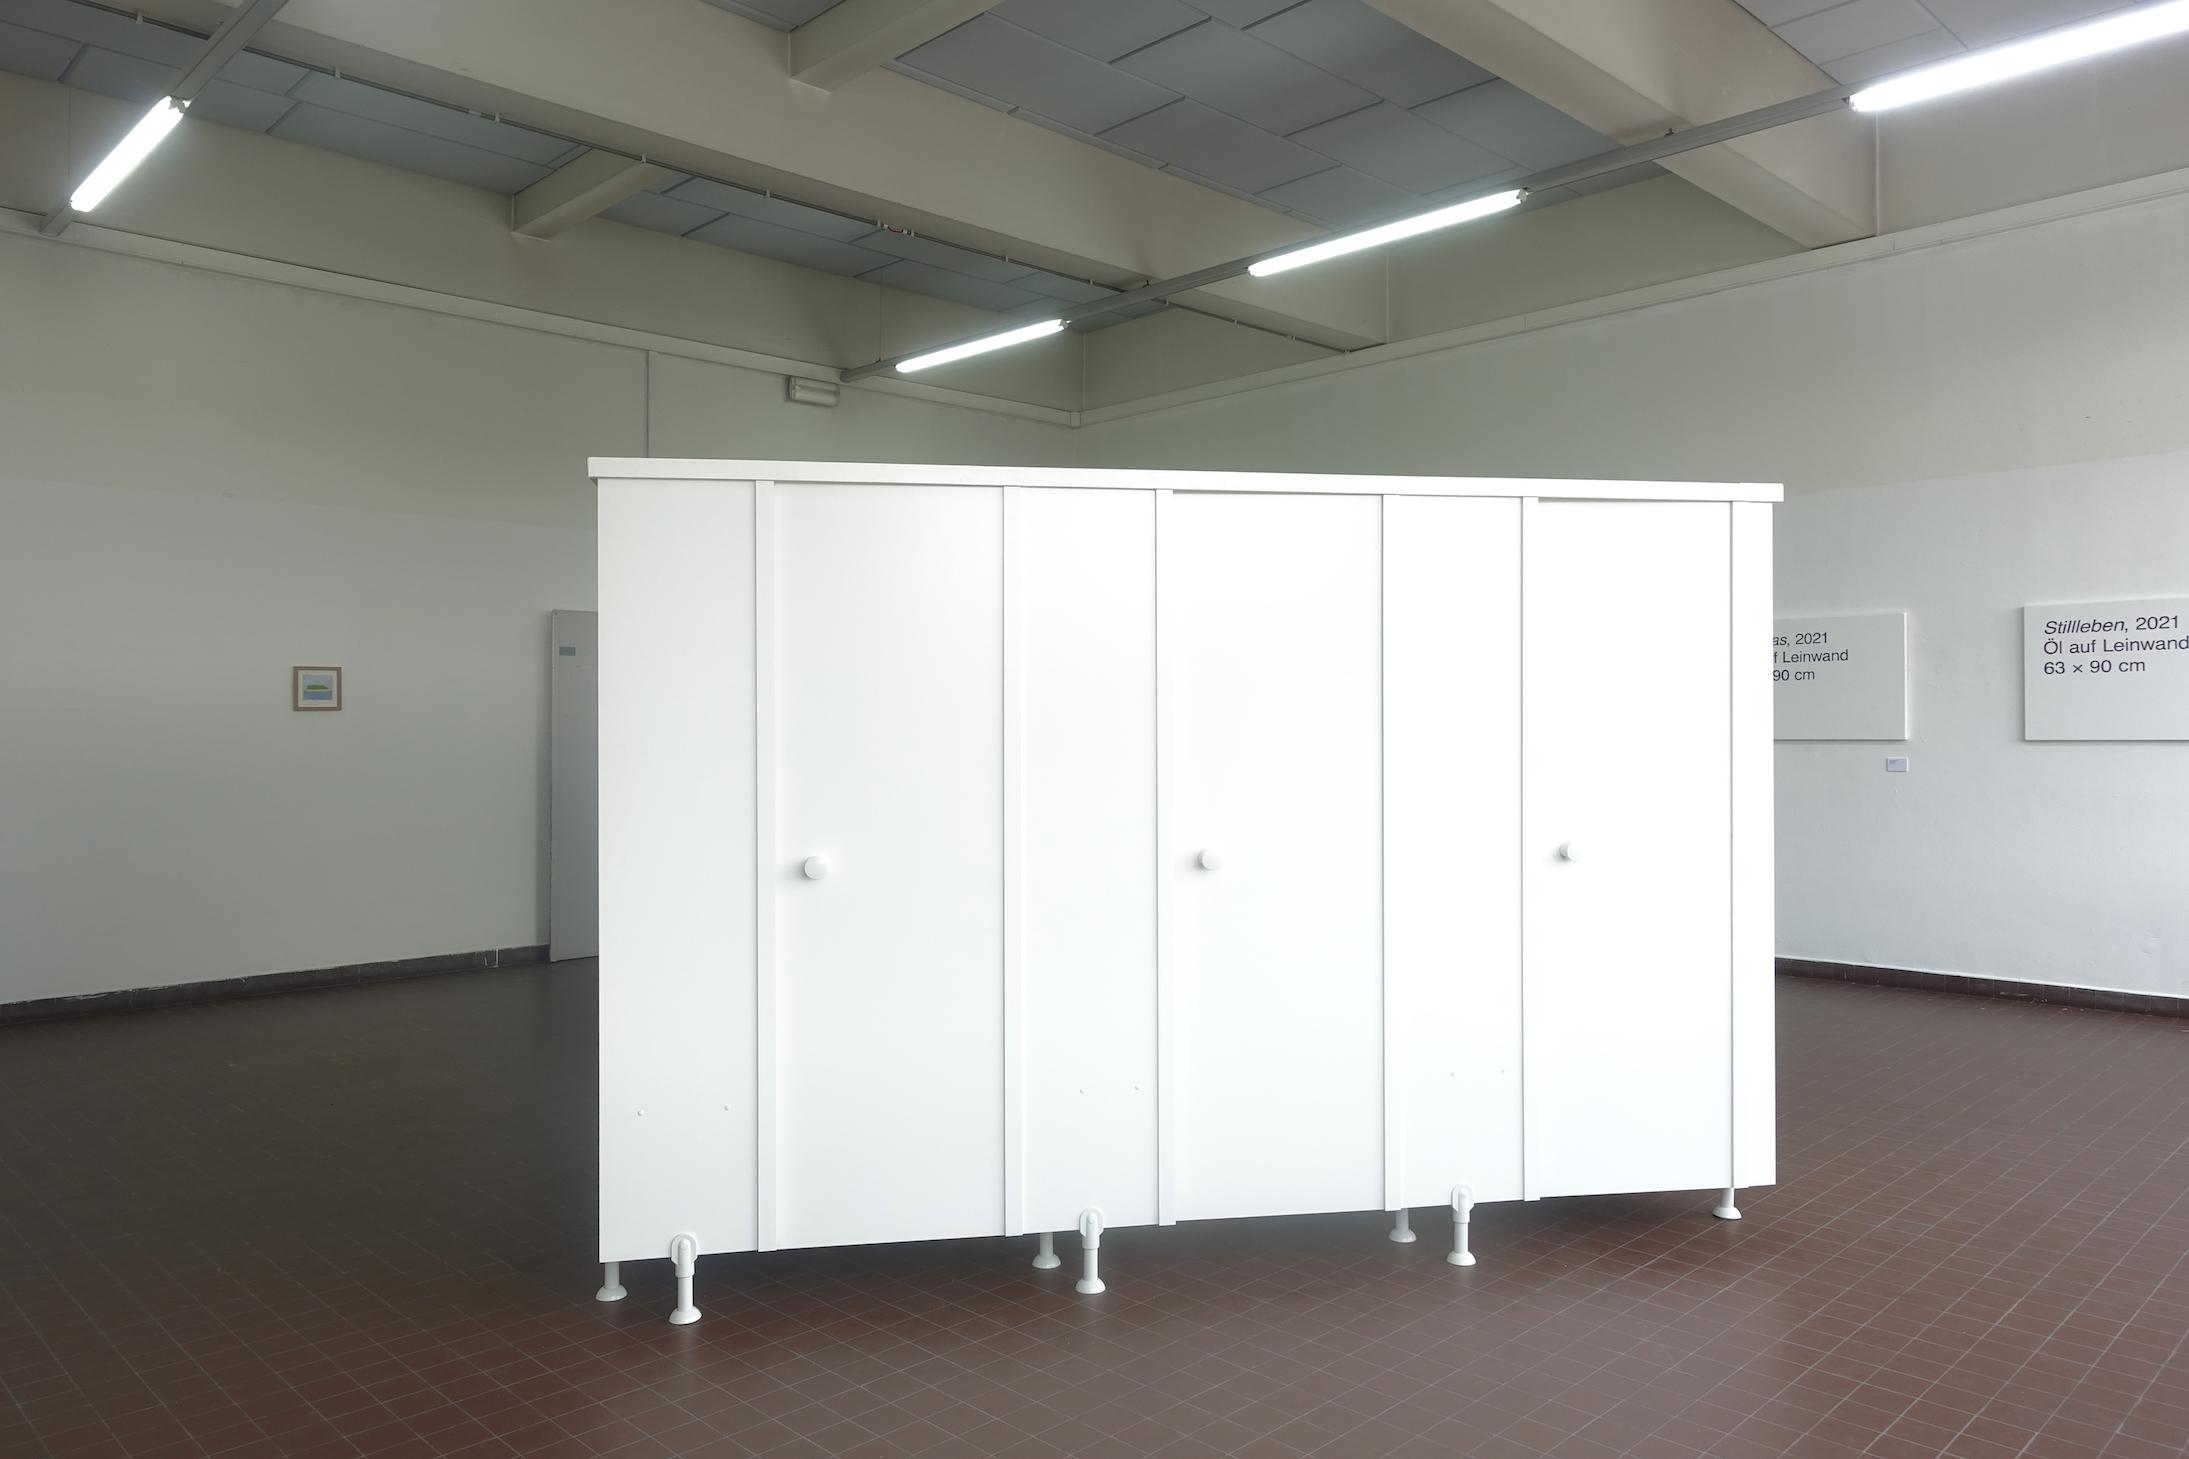 Marie-Sophie Beinke - Umkleidekabine (Changing Cubicle), 2021 Enameled wood, plastic door accessories 210 x 297 x 120 cm